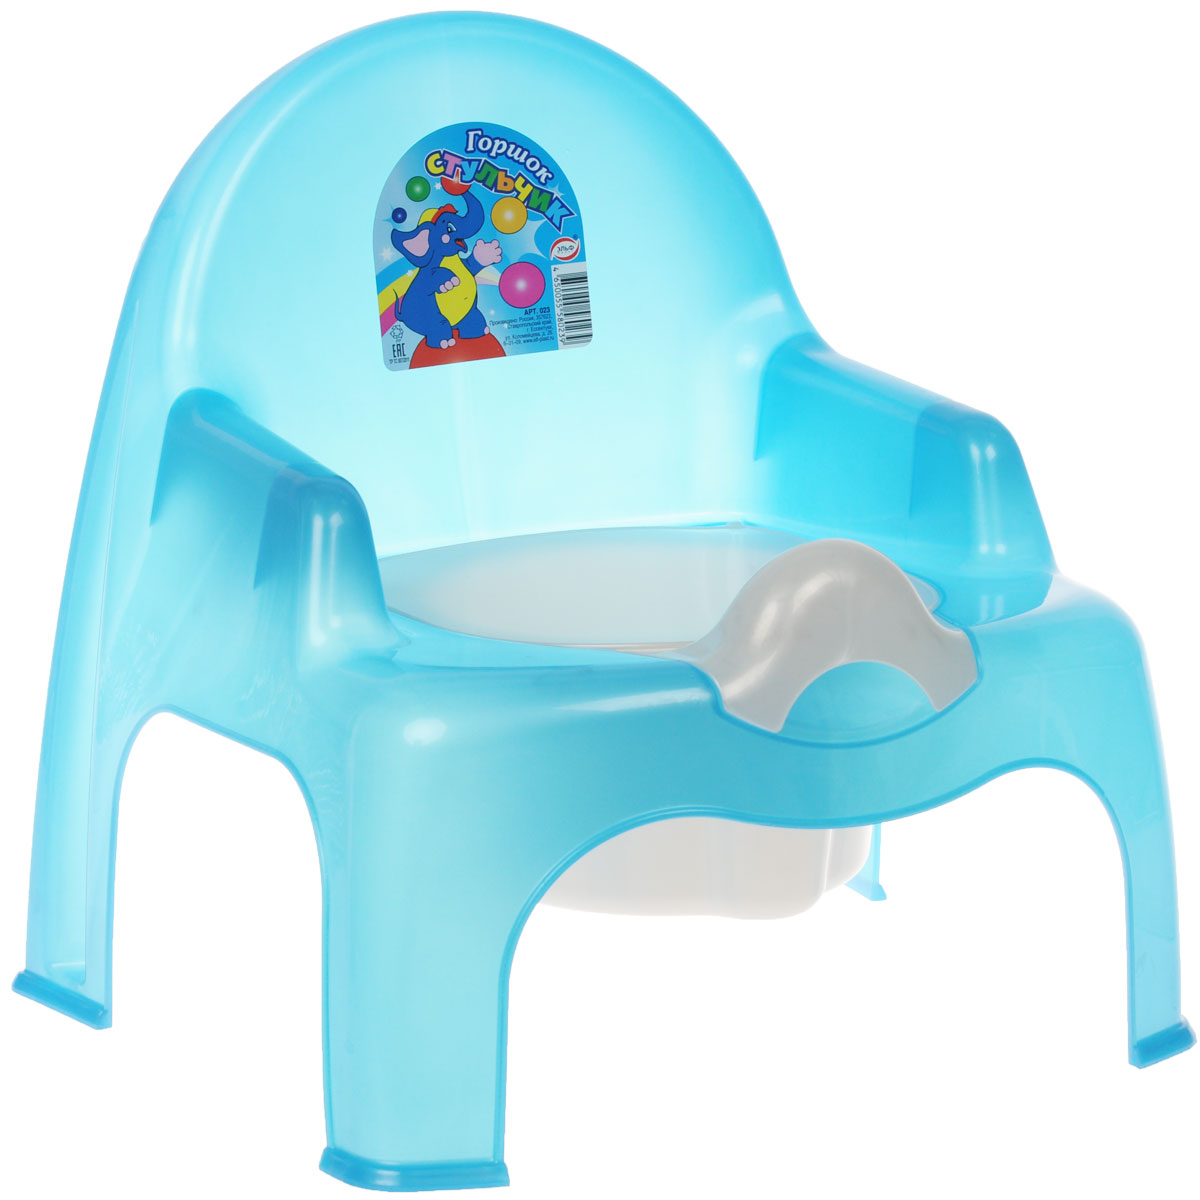 Эльфпласт Горшок-стульчик, с крышкой, цвет: голубой -  Горшки и адаптеры для унитаза